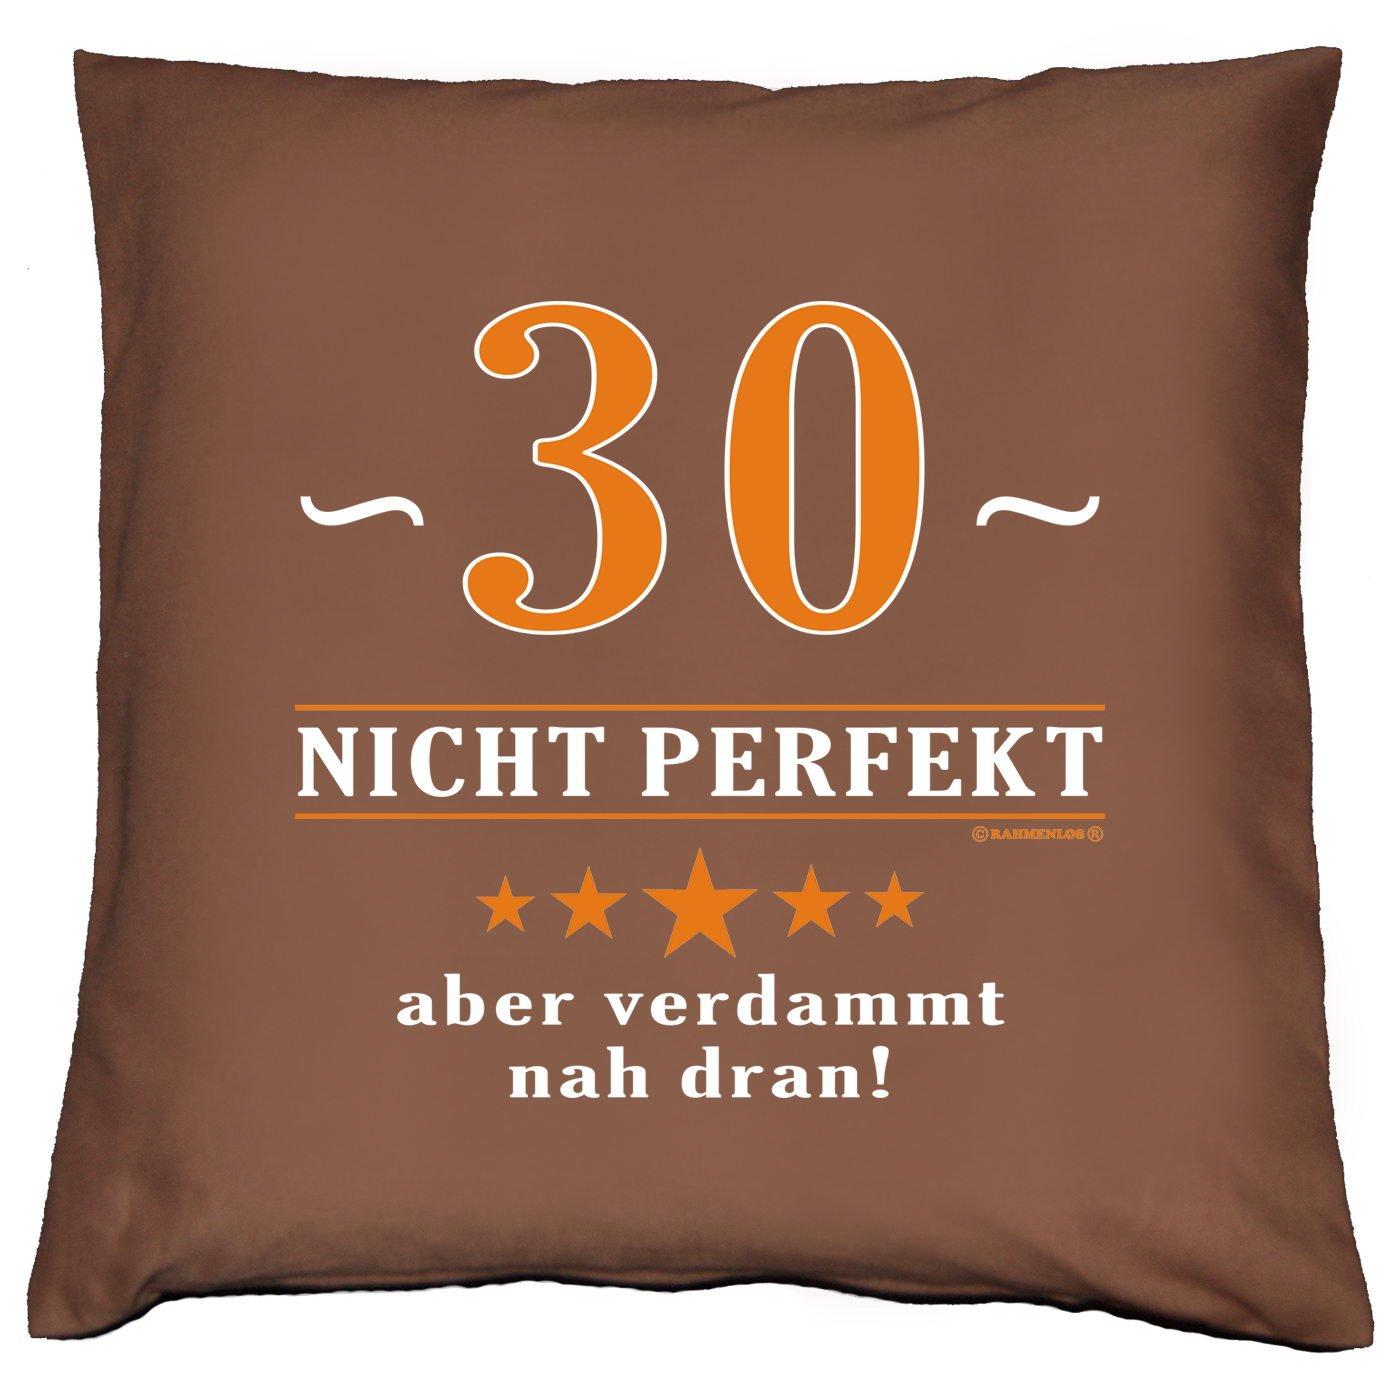 Kissen mit Innenkissen – 30 – nicht perfekt aber verdammt nahe dran! – zum 30. Geburtstag Geschenk – 40 x 40 cm – in schoco-braun jetzt kaufen